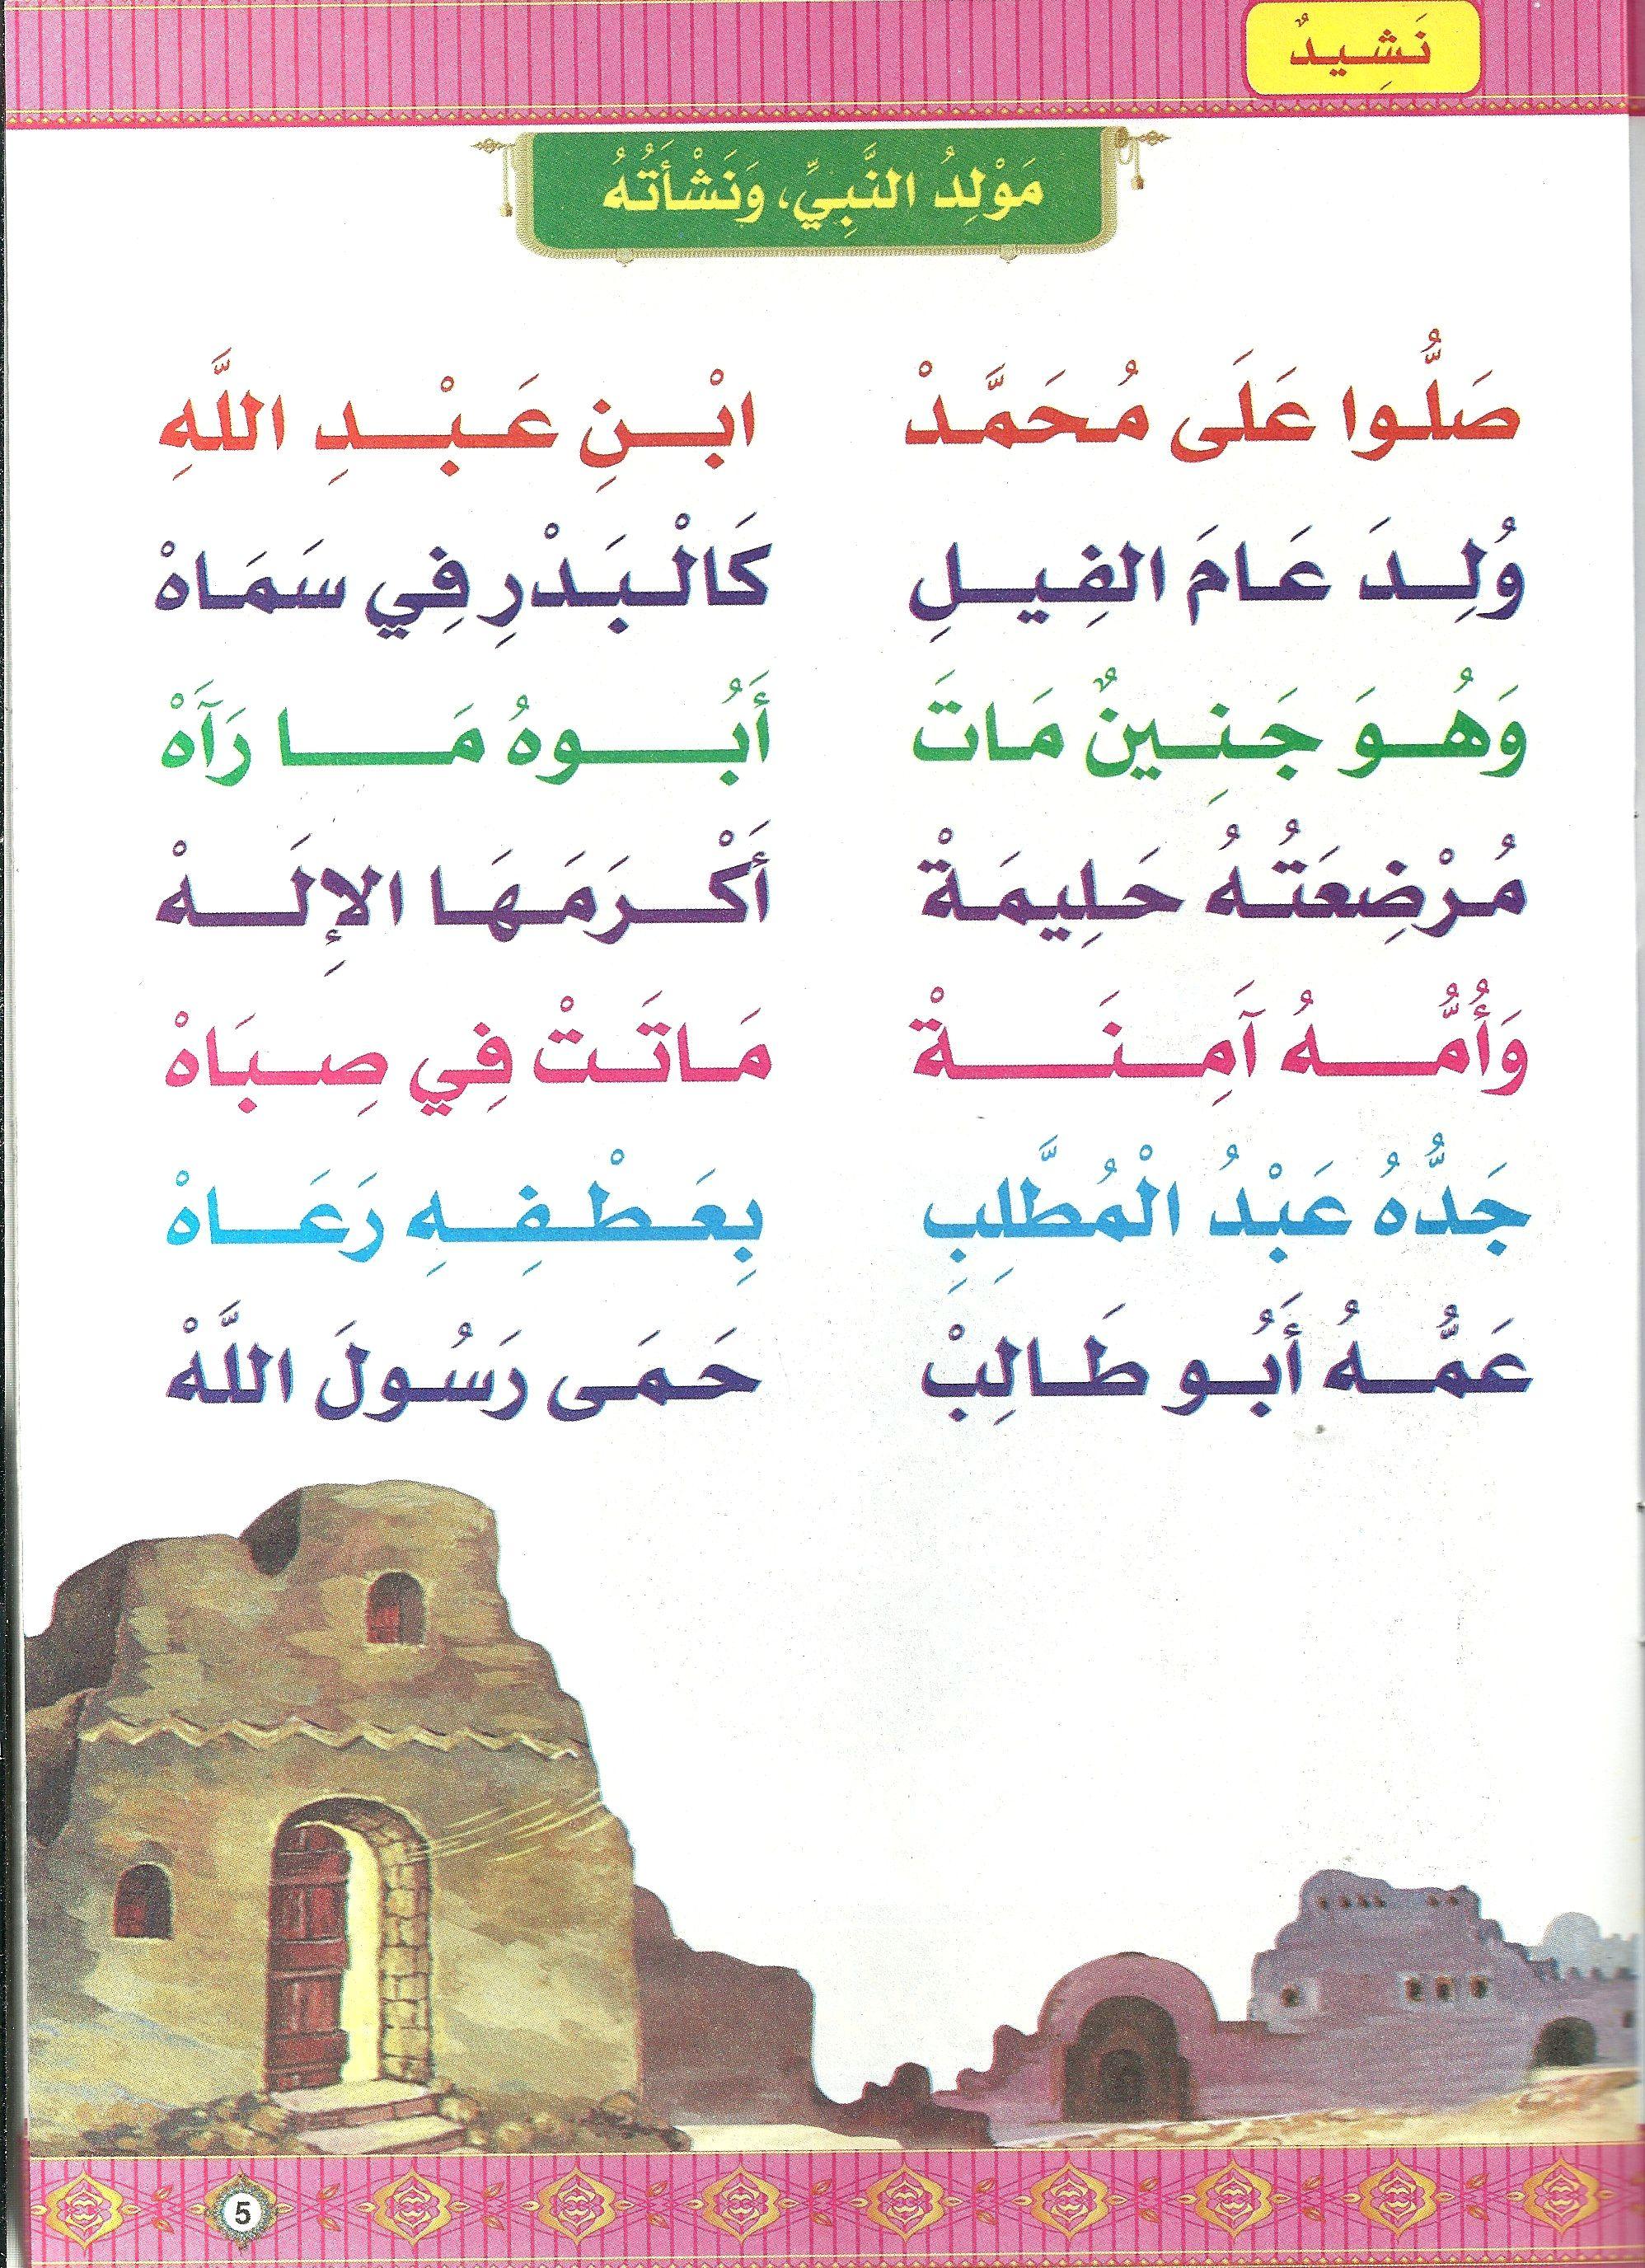 بالصور اغاني دينية اسلامية , اناشيد التراث الاسلامي 1938 5